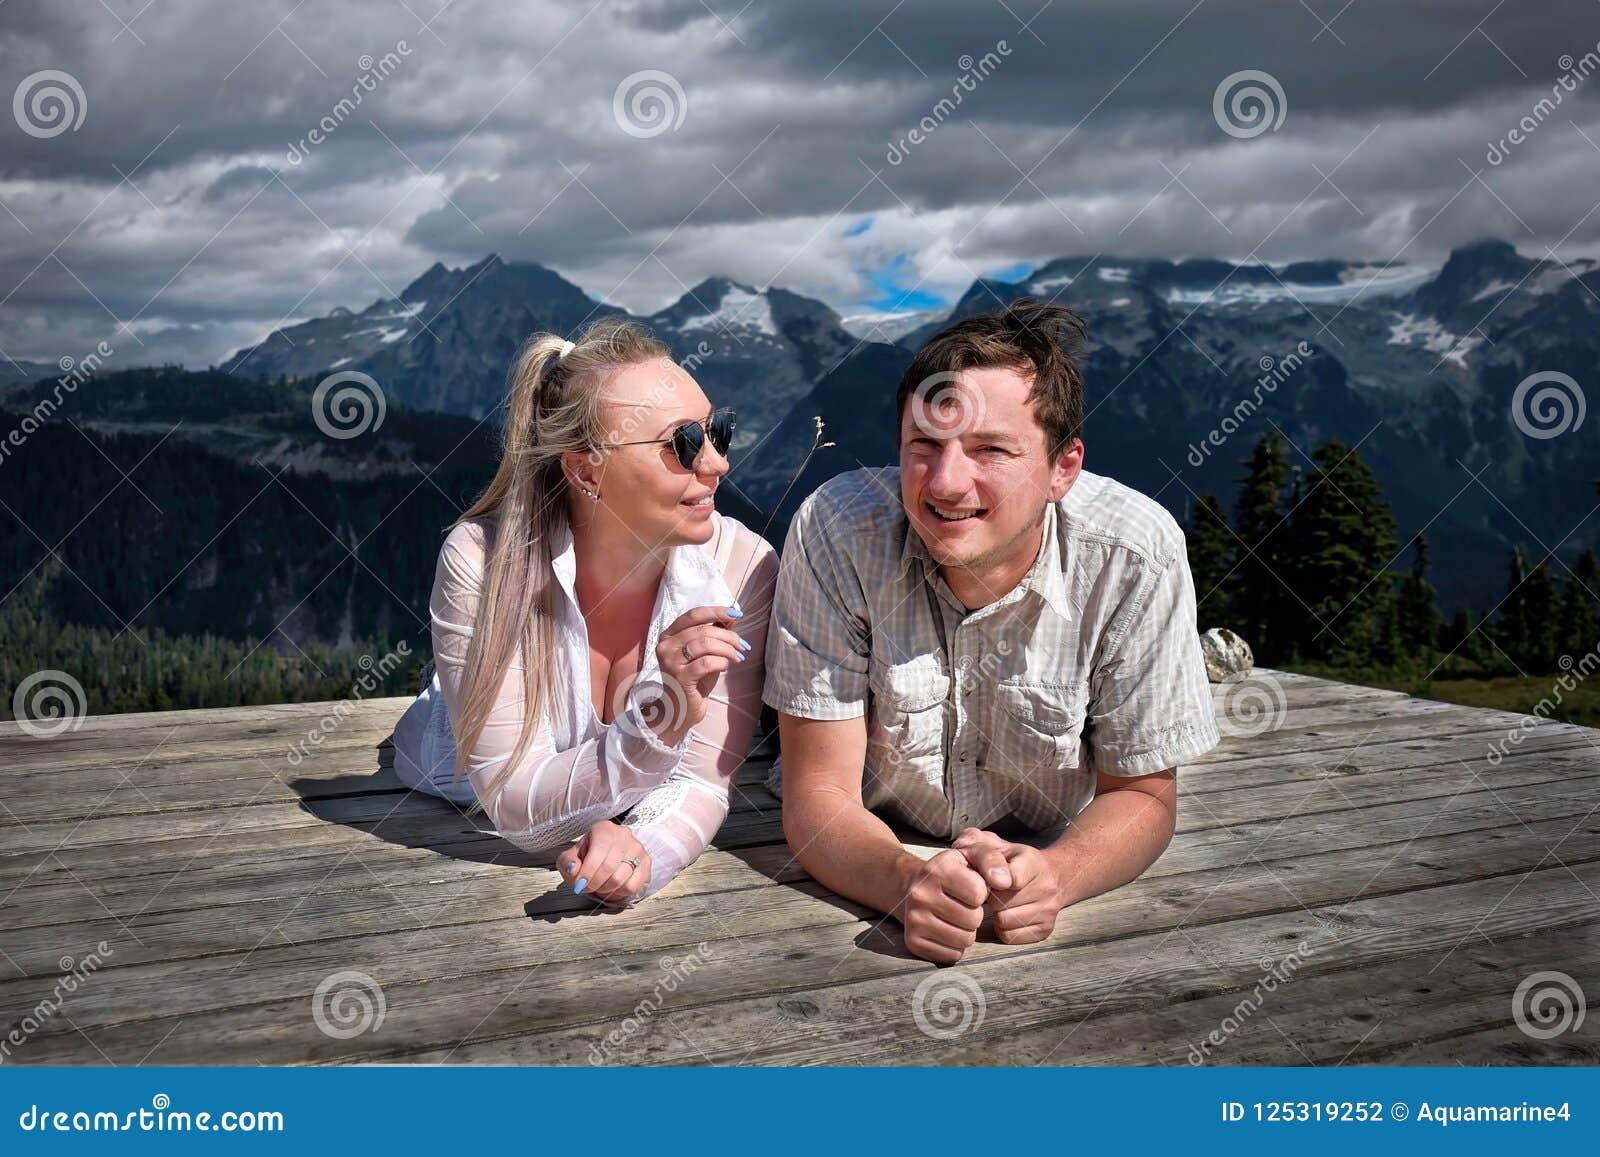 Szczęśliwi uśmiechnięci ludzie obozuje w górach Para małżeńska na namiotowym ochraniaczu ma zabawę i relaksować